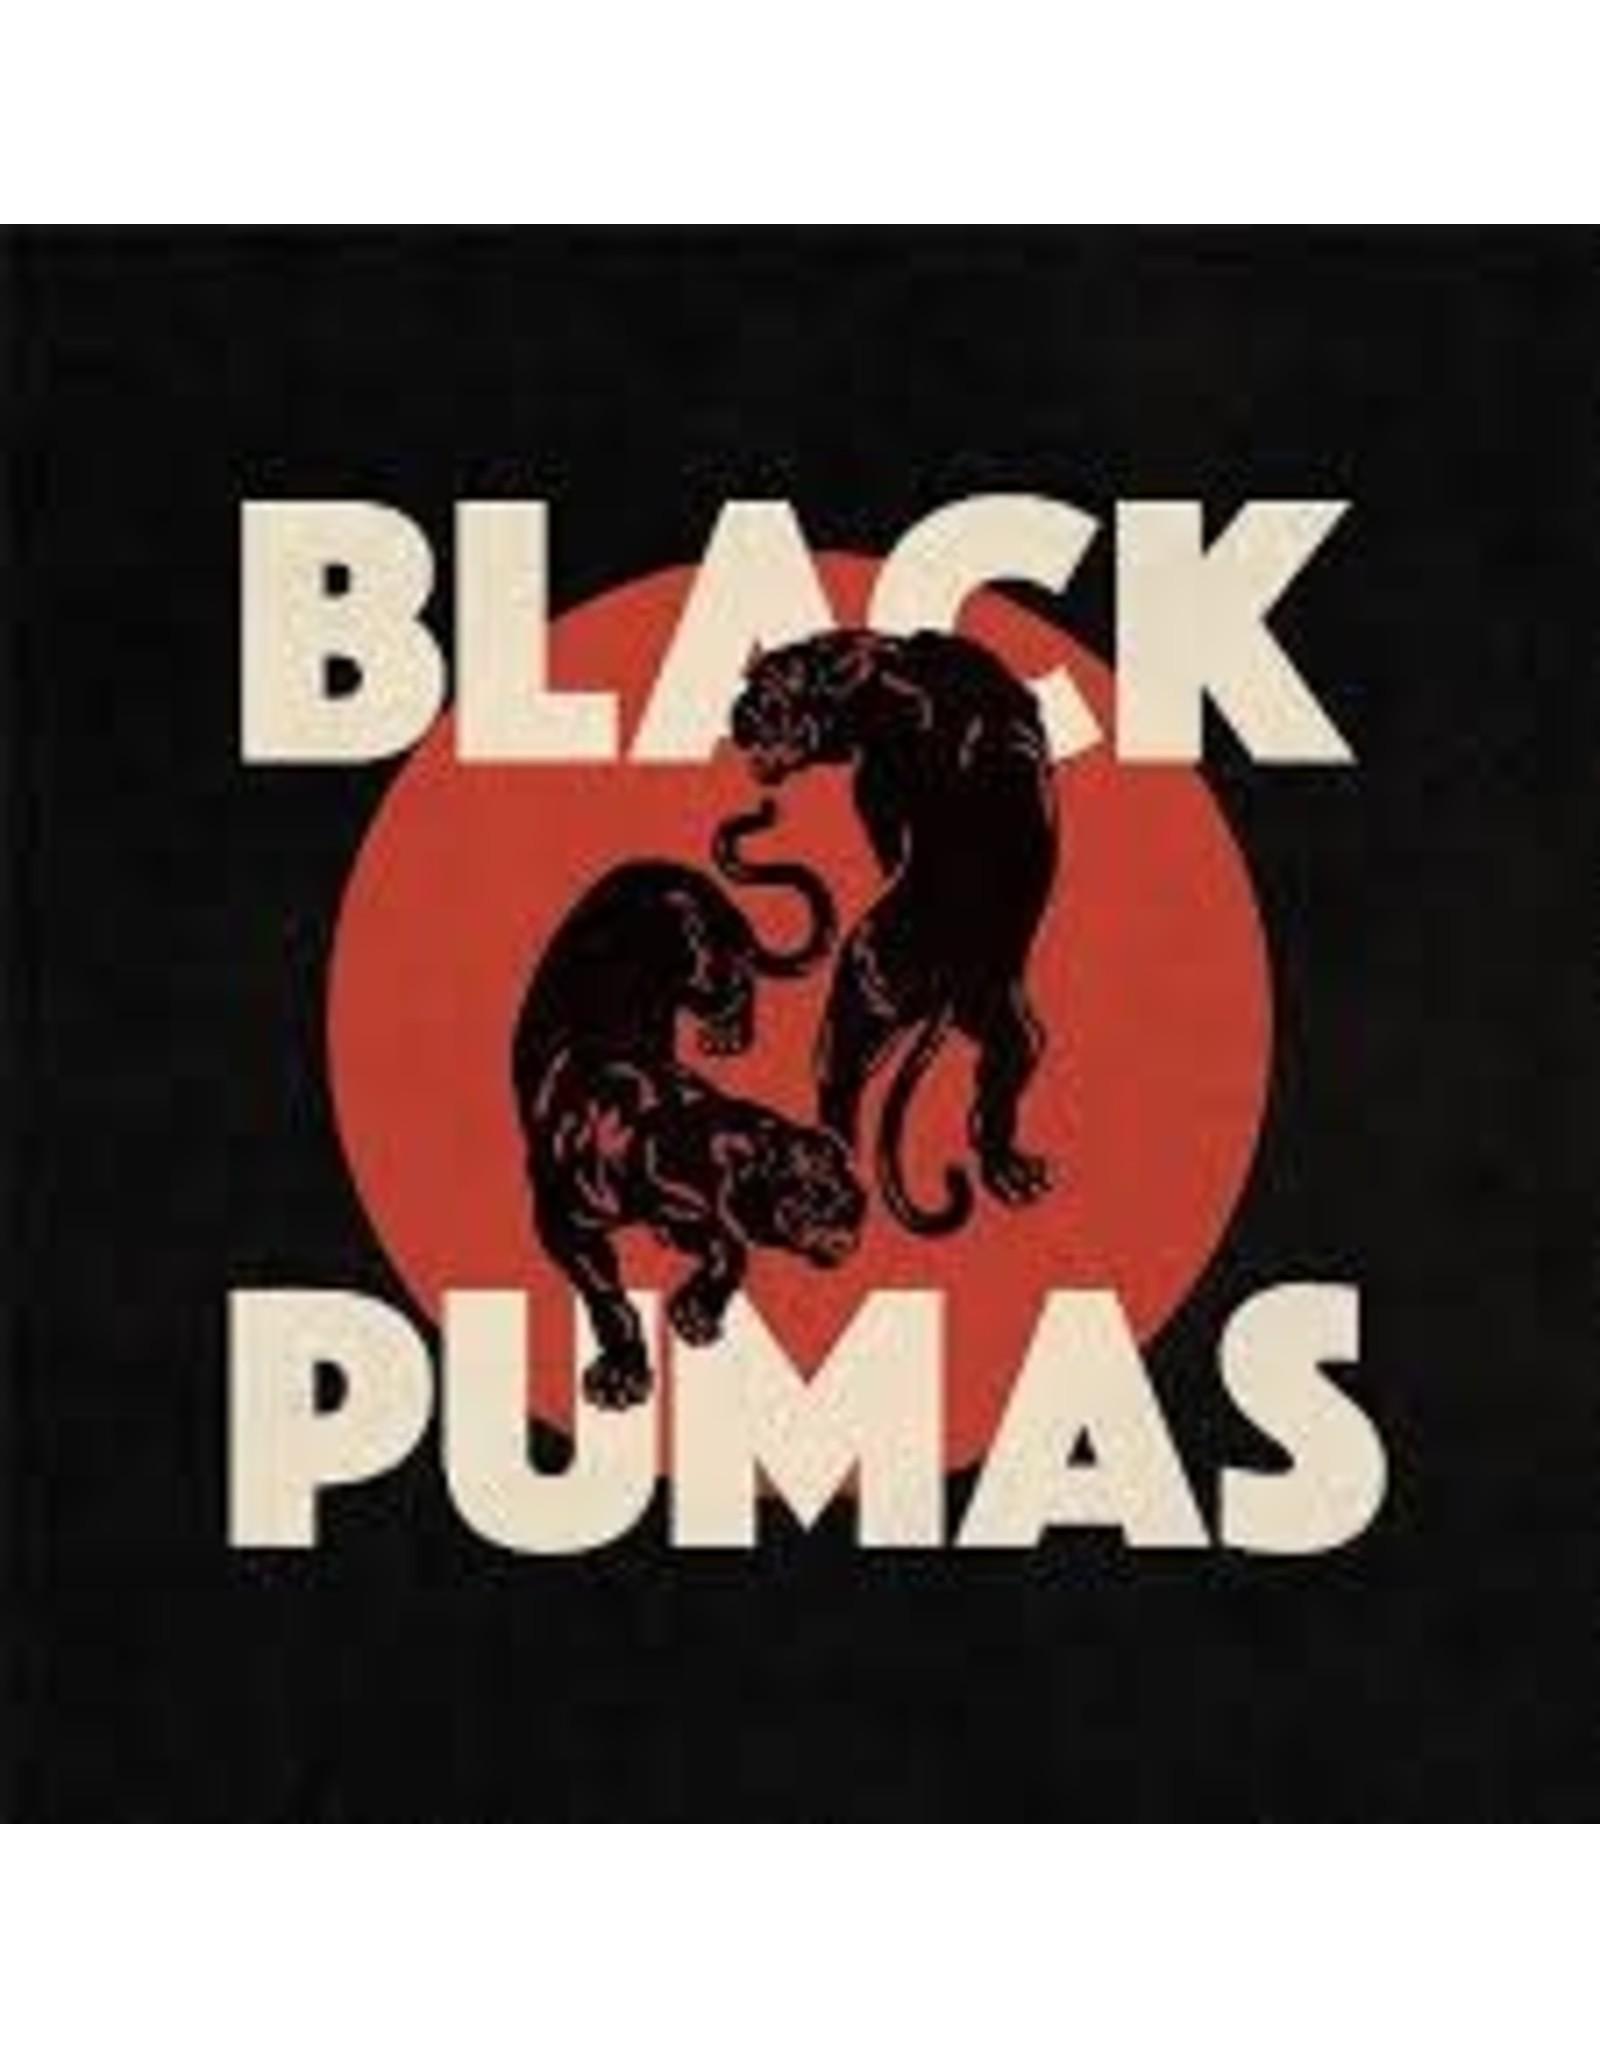 Black Pumas - Black Pumas CD